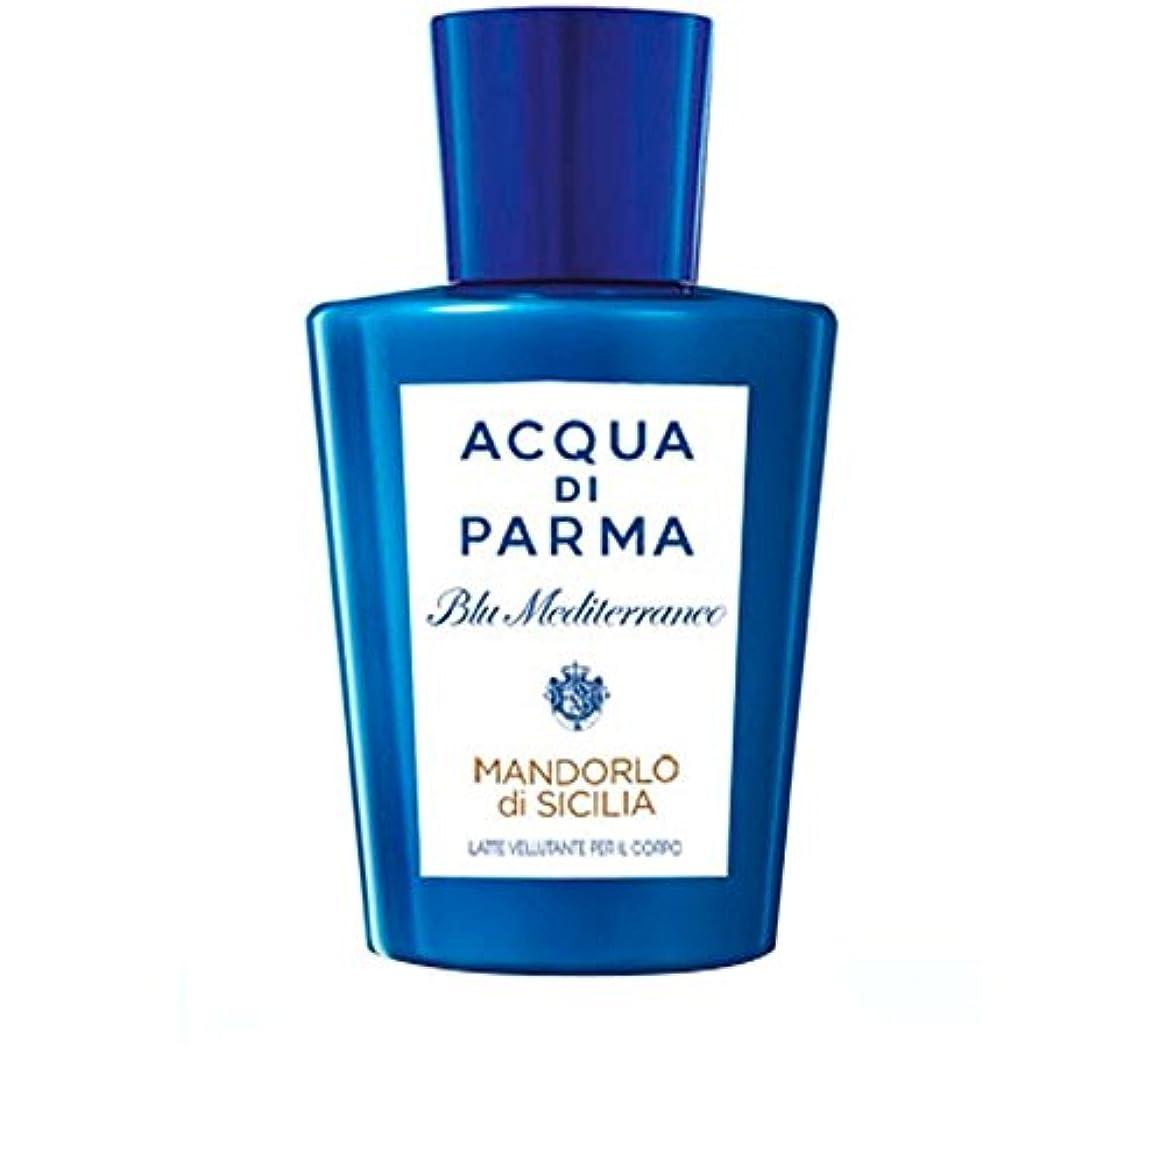 潤滑する再撮り待ってAcqua Di Parma Mandorlo Di Sicilia Pampering Body Lotion 200ml (Pack of 6) - アクアディパルママンドルロ?ディ?シチリア至福のボディローション200 x6 [並行輸入品]